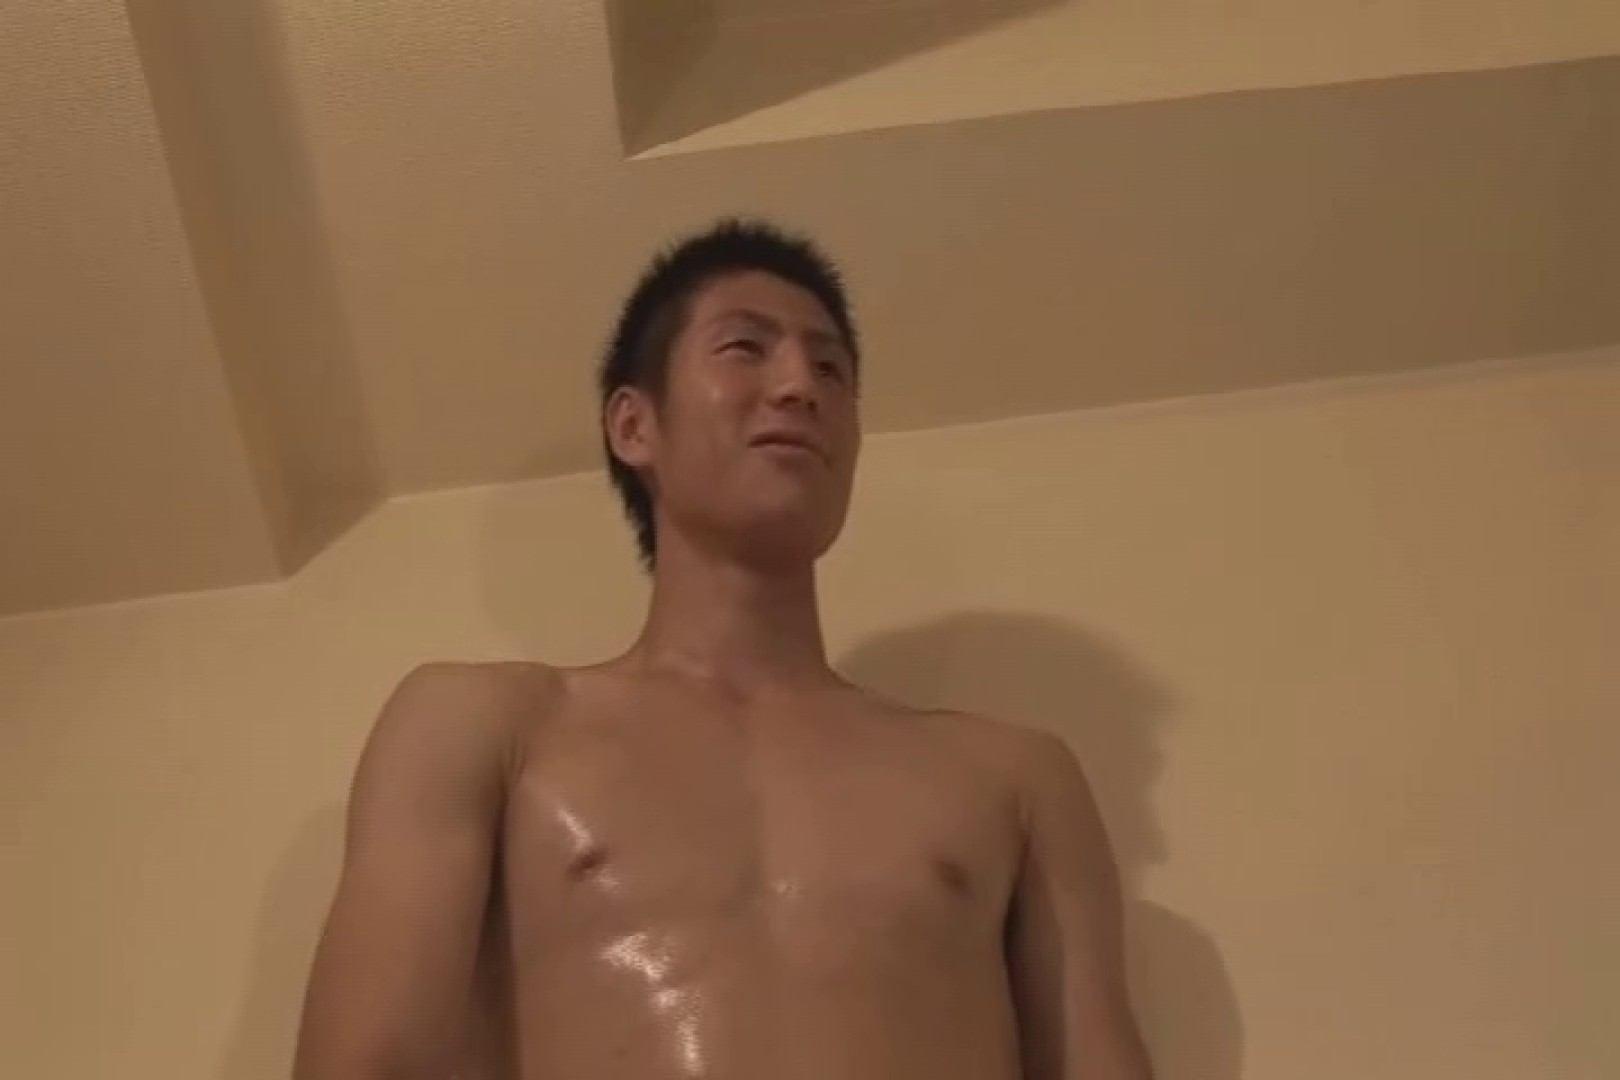 暴れん棒!!雄穴を狙え!! vol.04 自慰シーン ゲイセックス画像 112枚 25